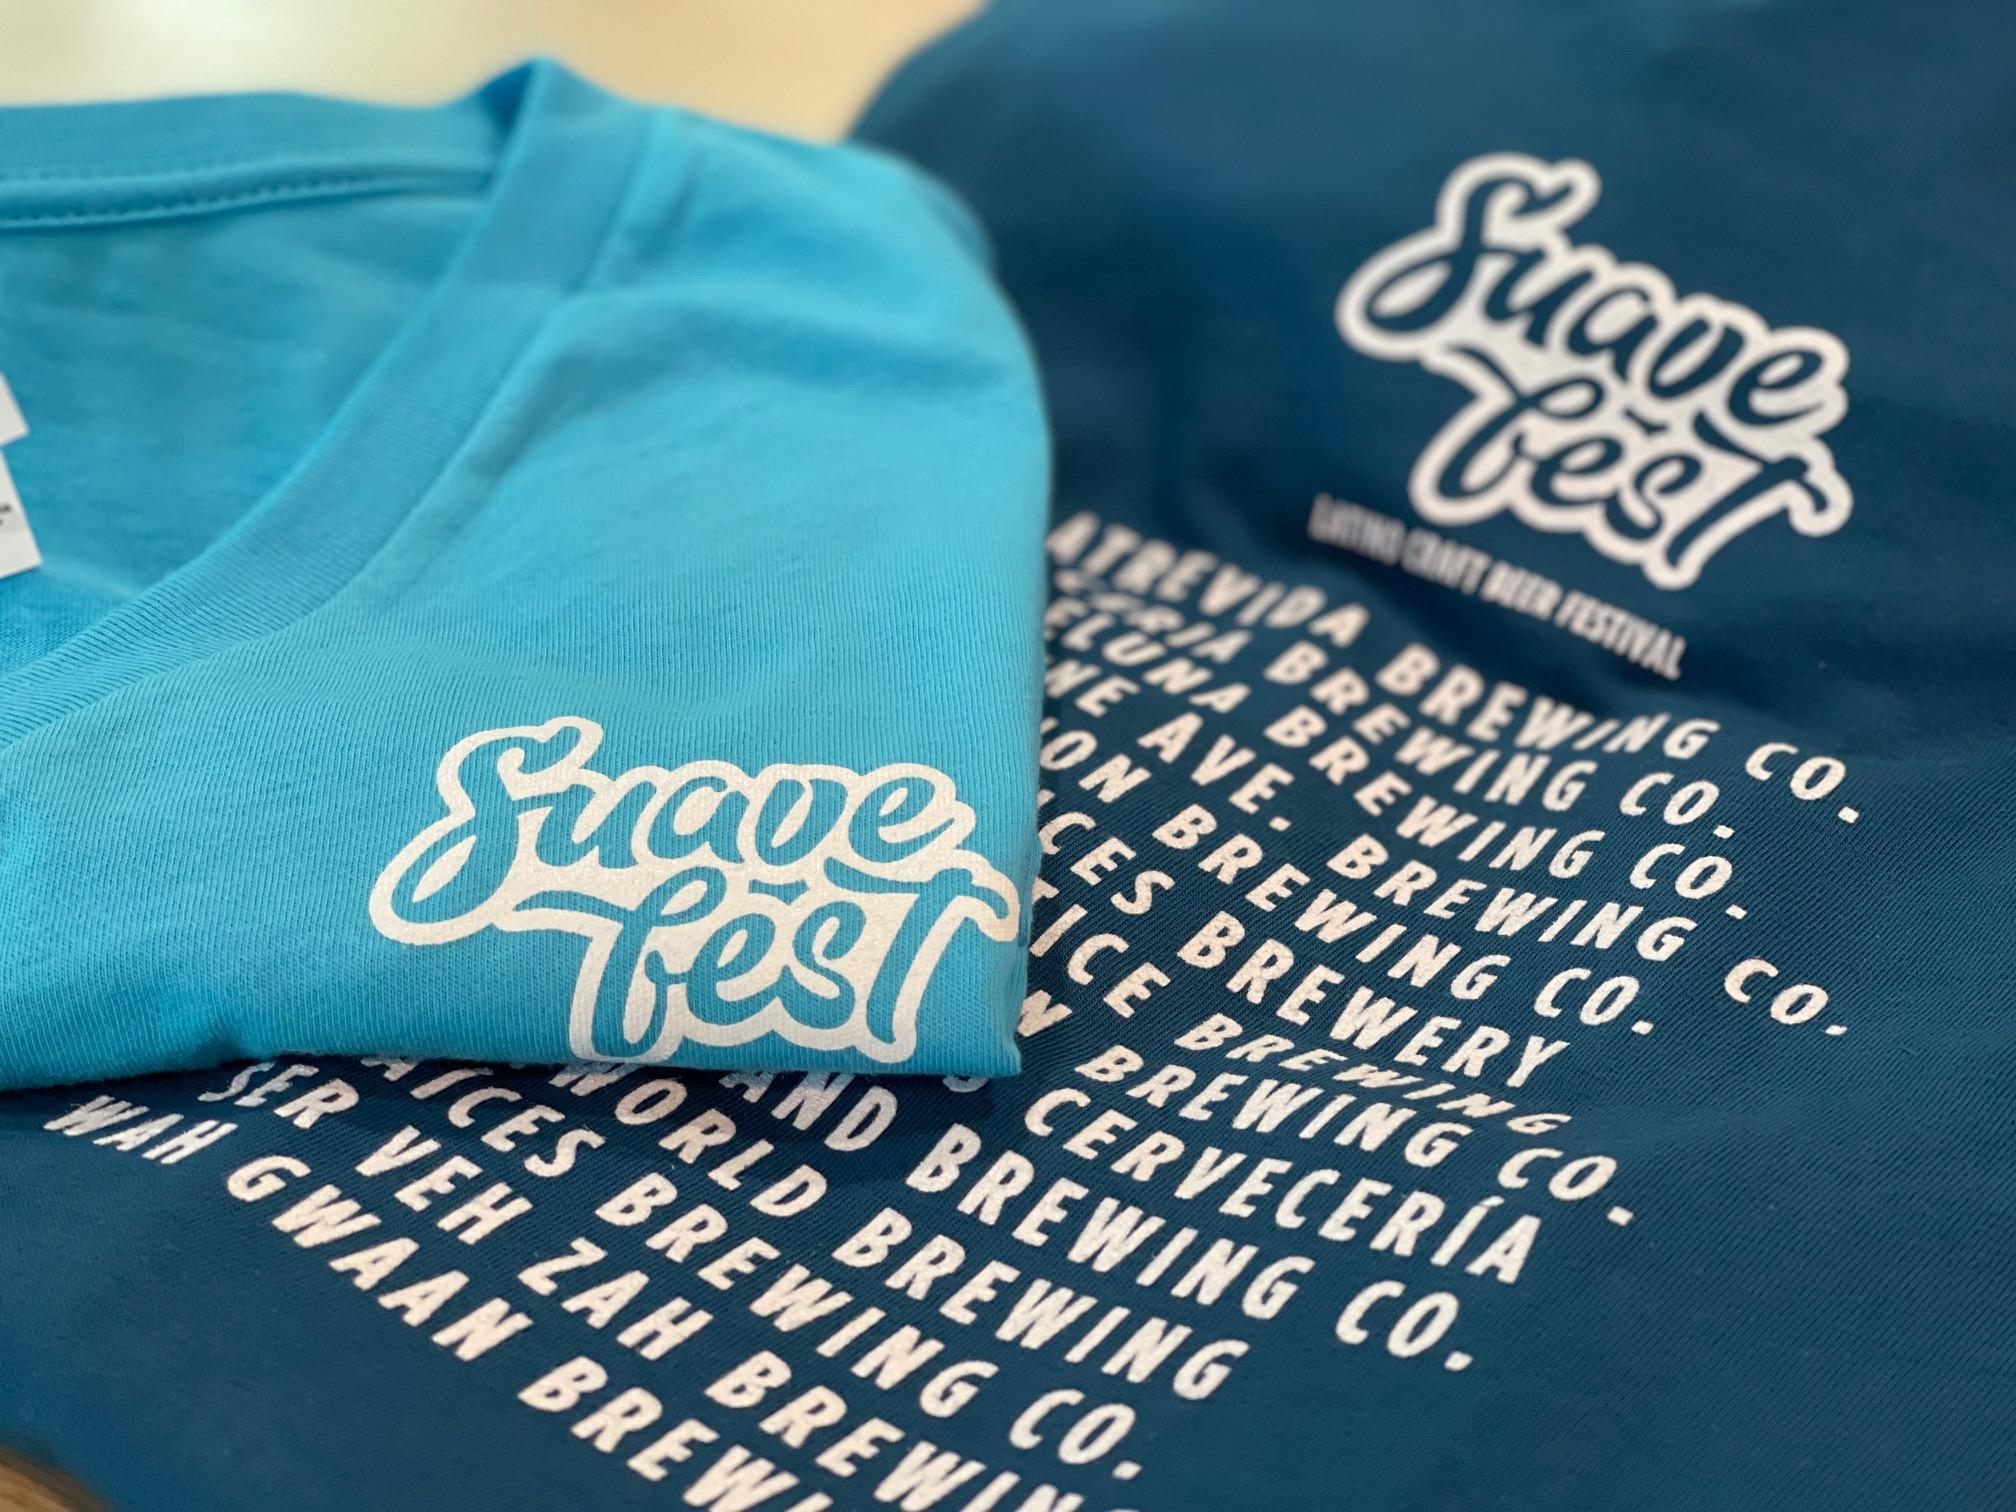 Suave Fest T-shirt